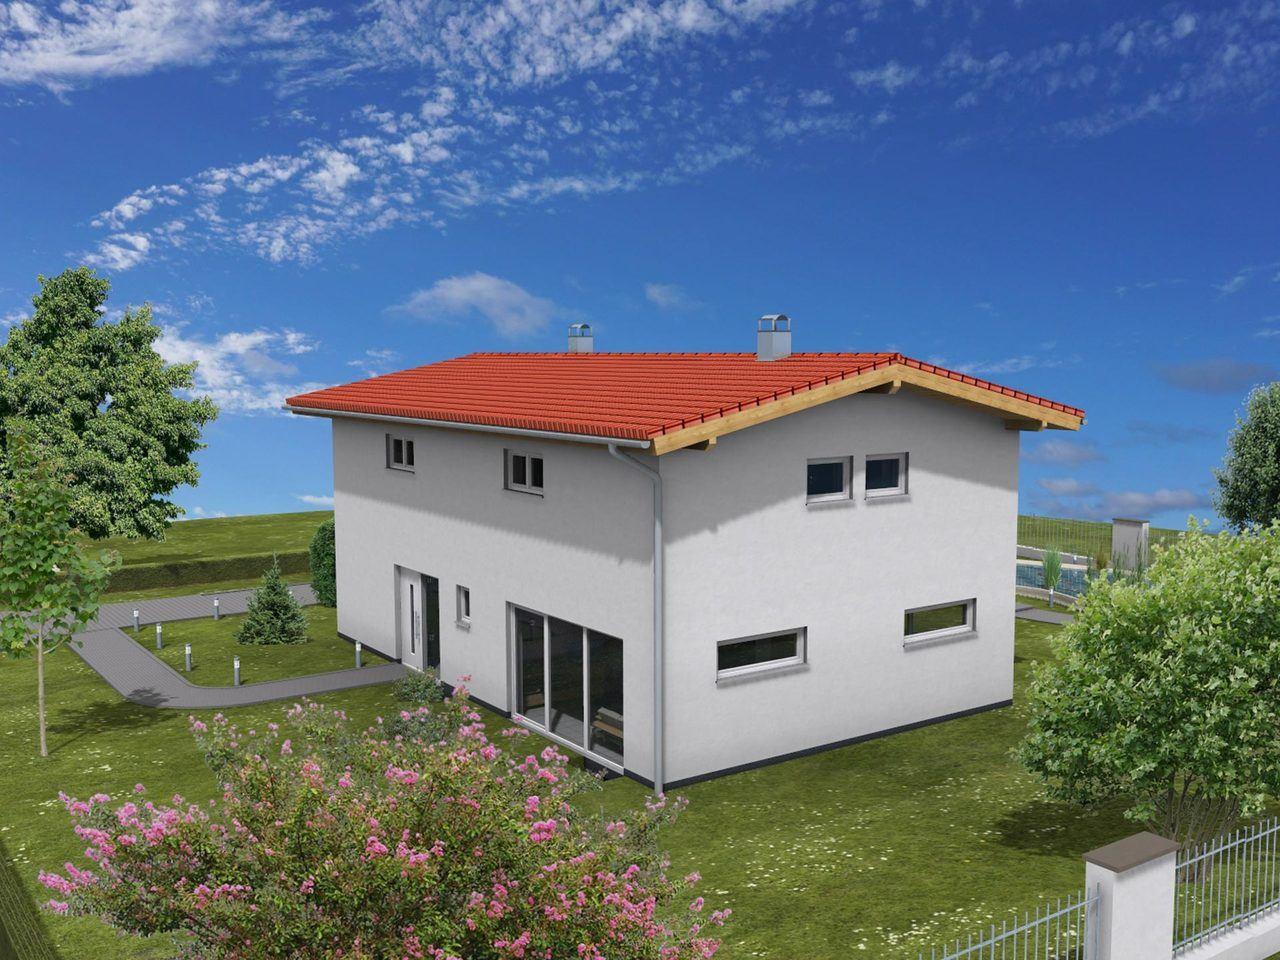 Einfamilienhaus mit zwei Vollgeschossen - Zimmerei Walter Brunthaler